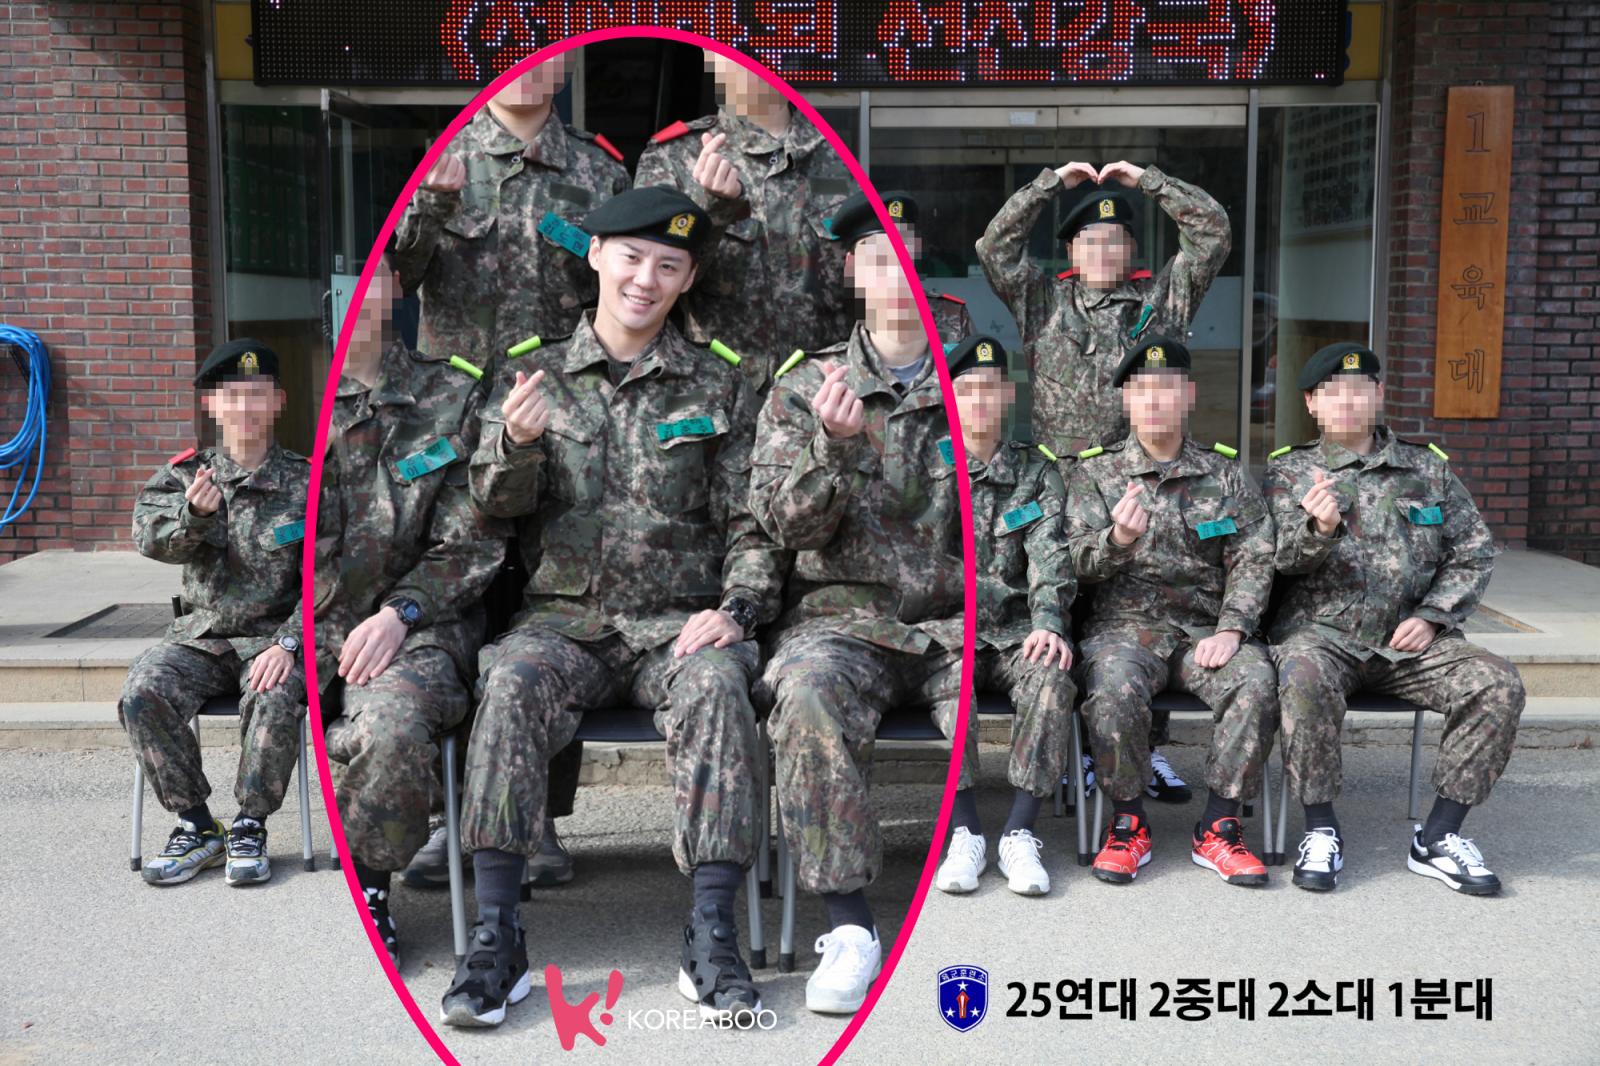 Junsu mengenakan seragam militer